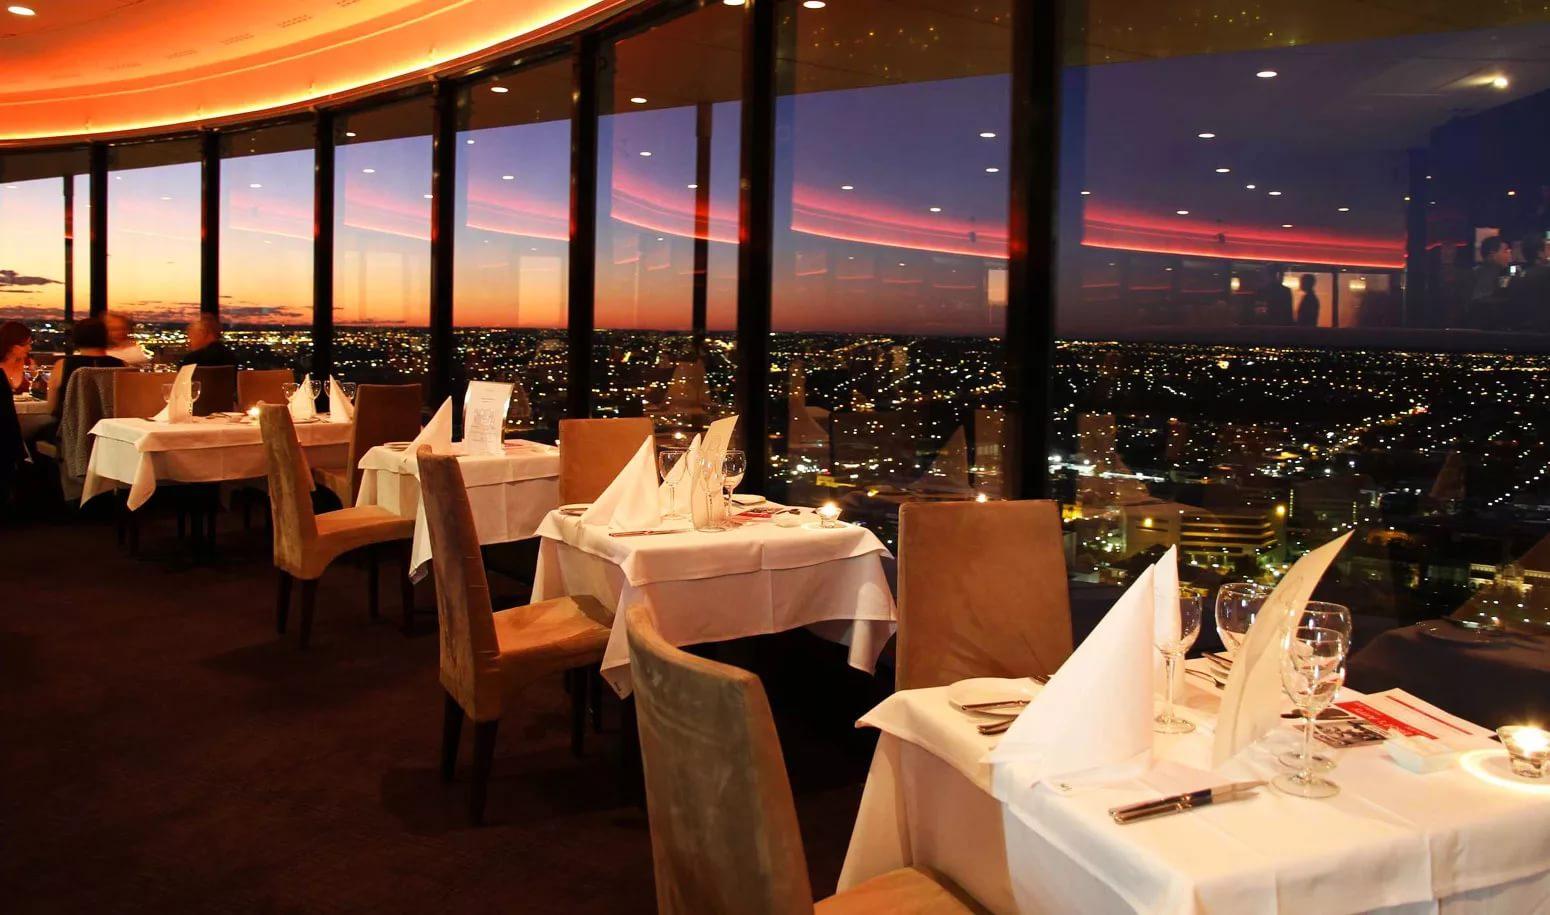 Казанские рестораны и отели на урежут цены в честь Всемирного дня туризма